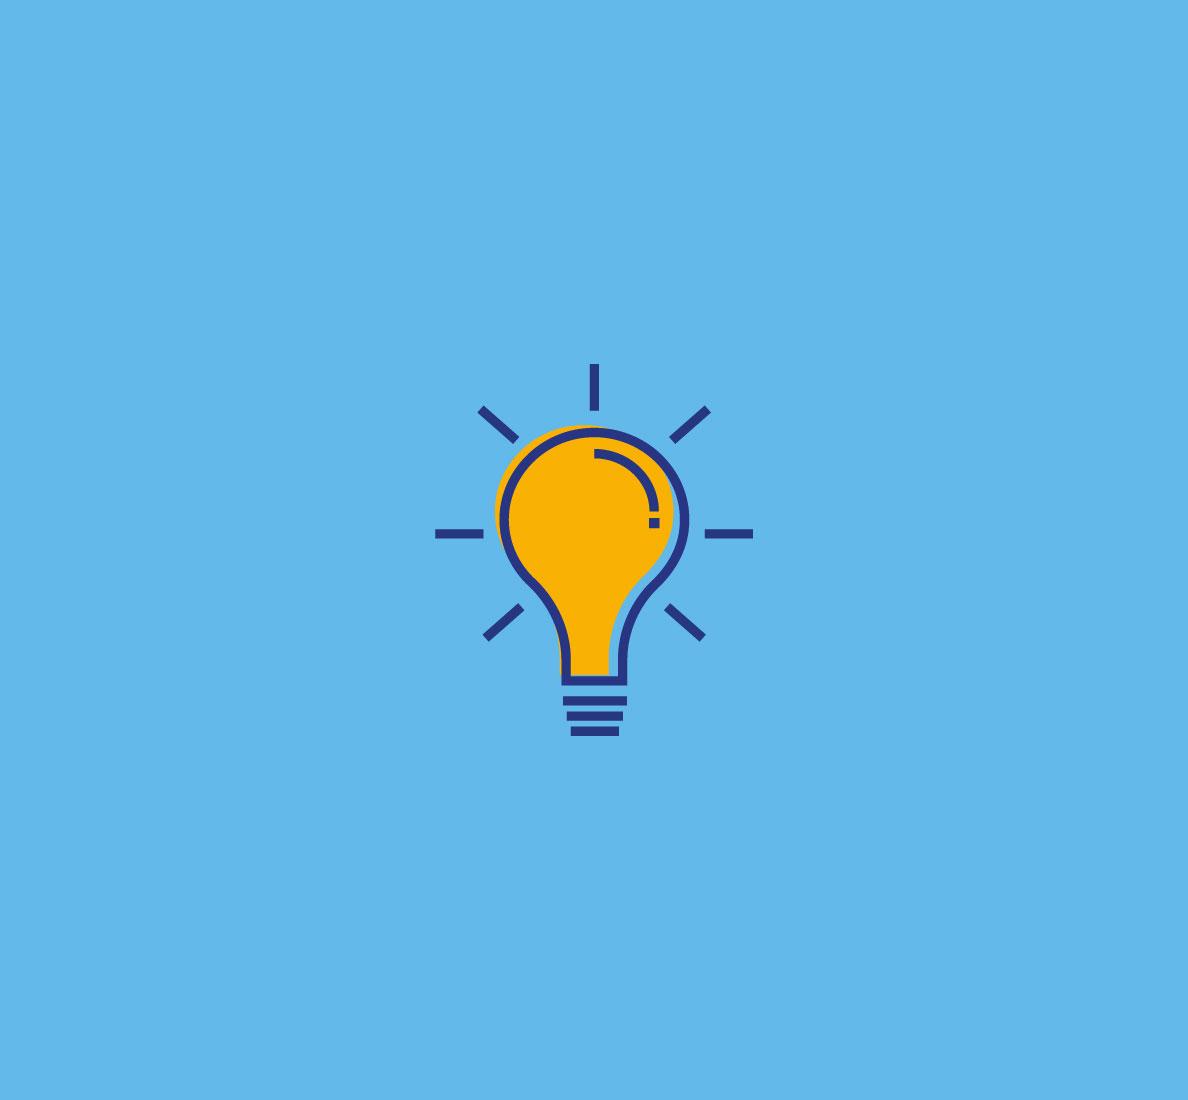 Lightbulb blue